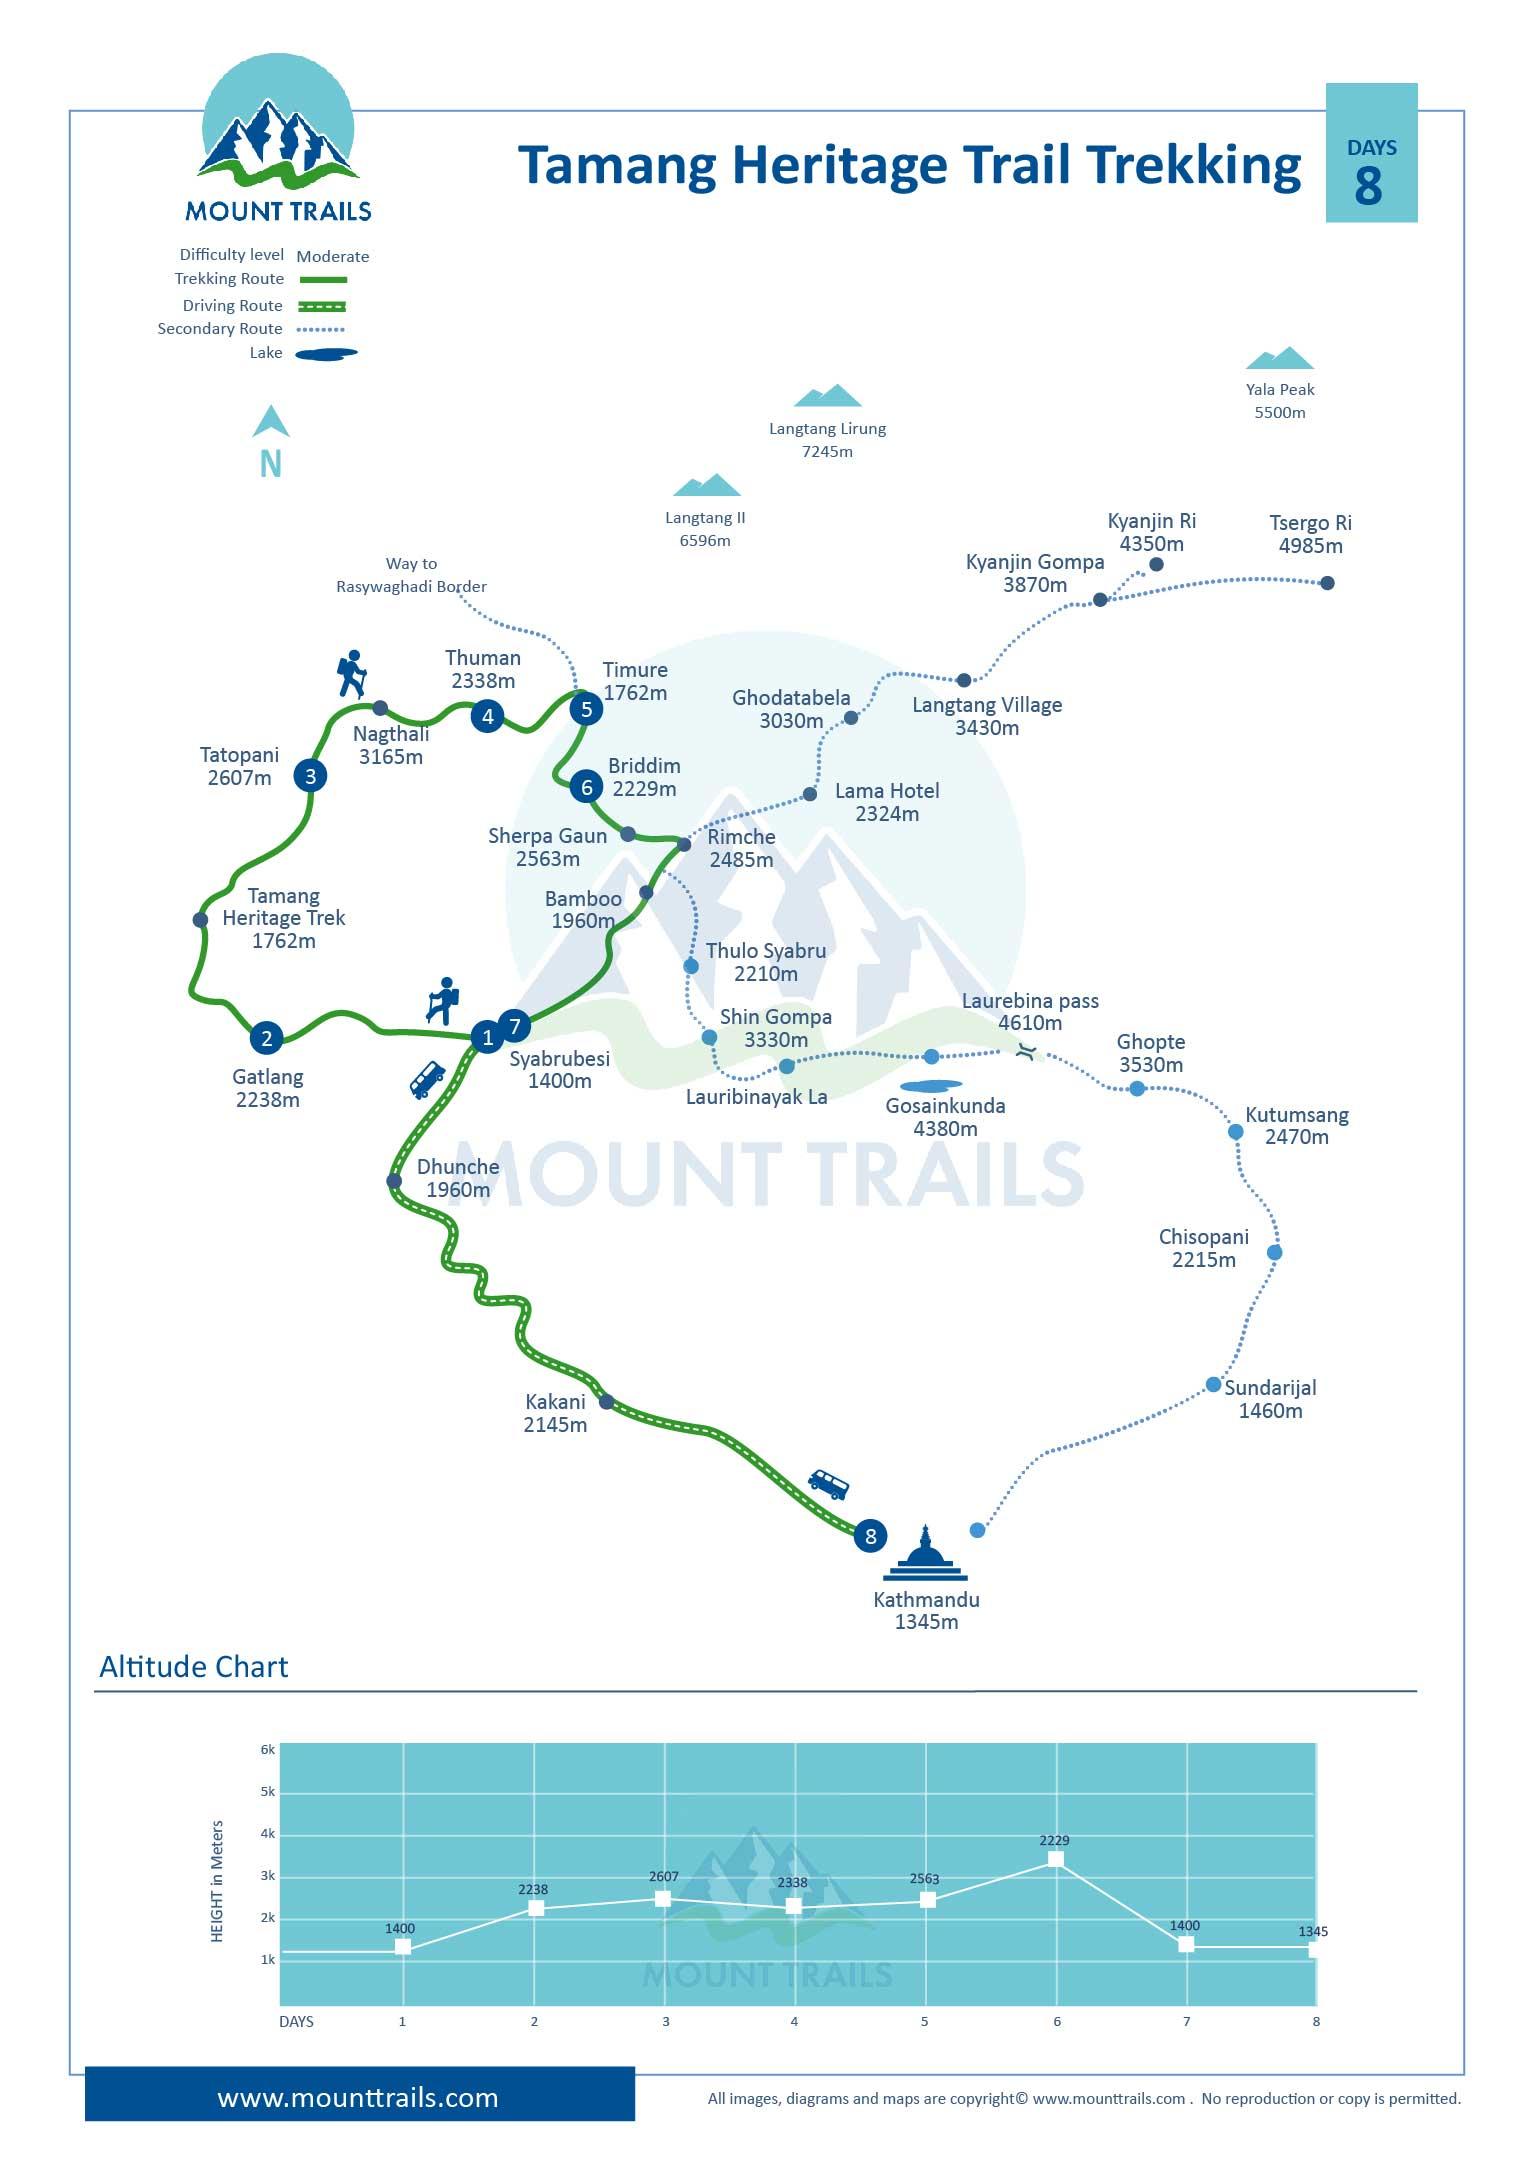 Tamang Heritage Trail Trekking Map